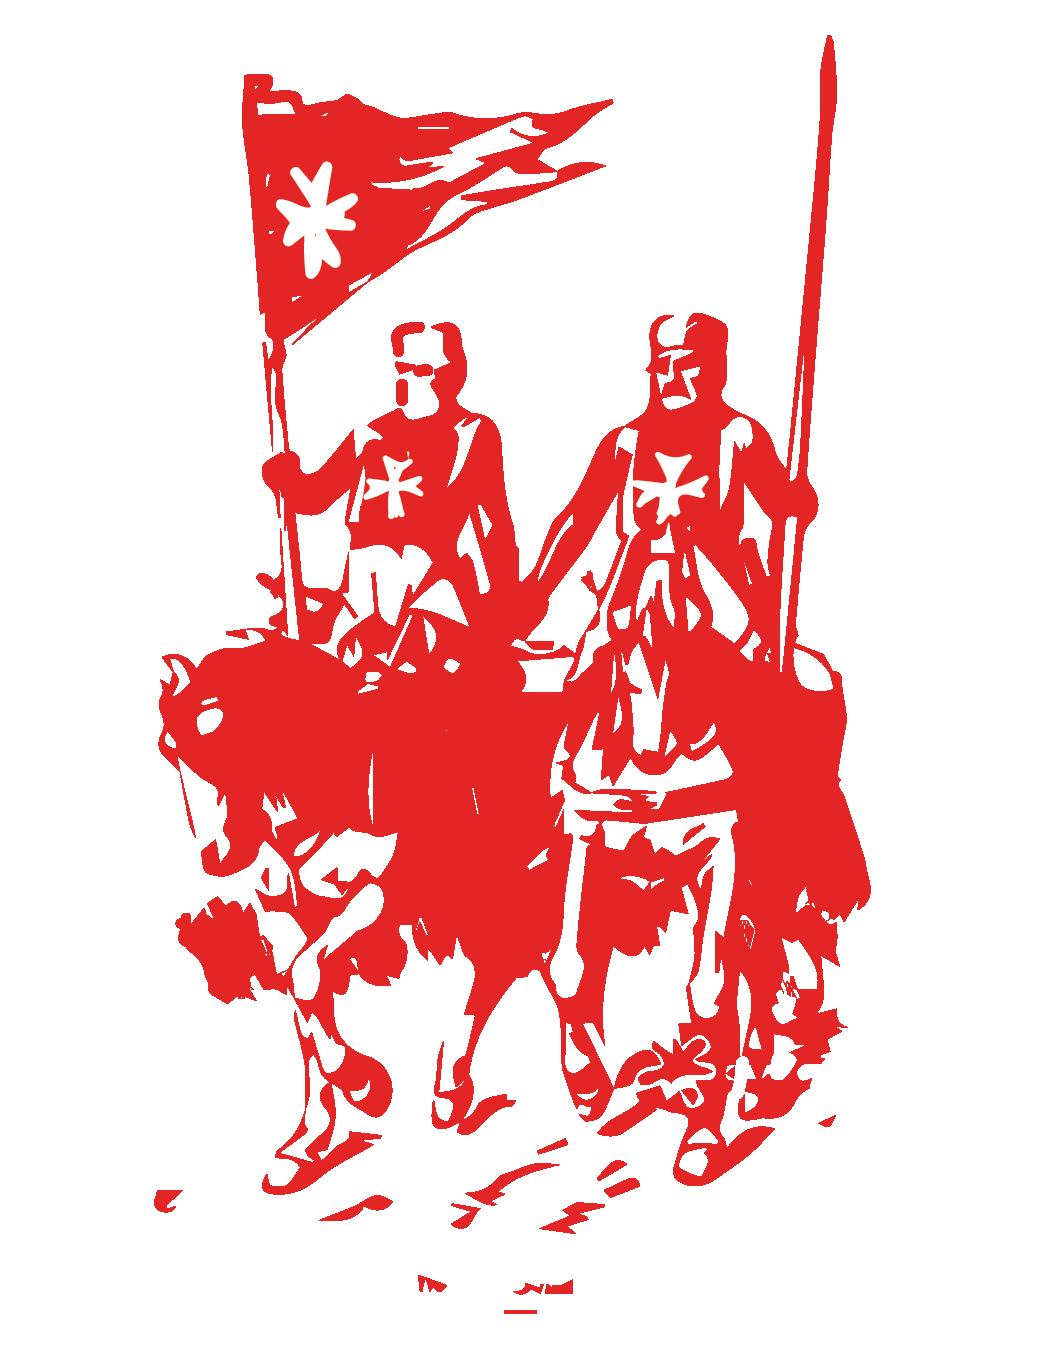 orderofmalta_websiteicons-knightillustration2 copy.png